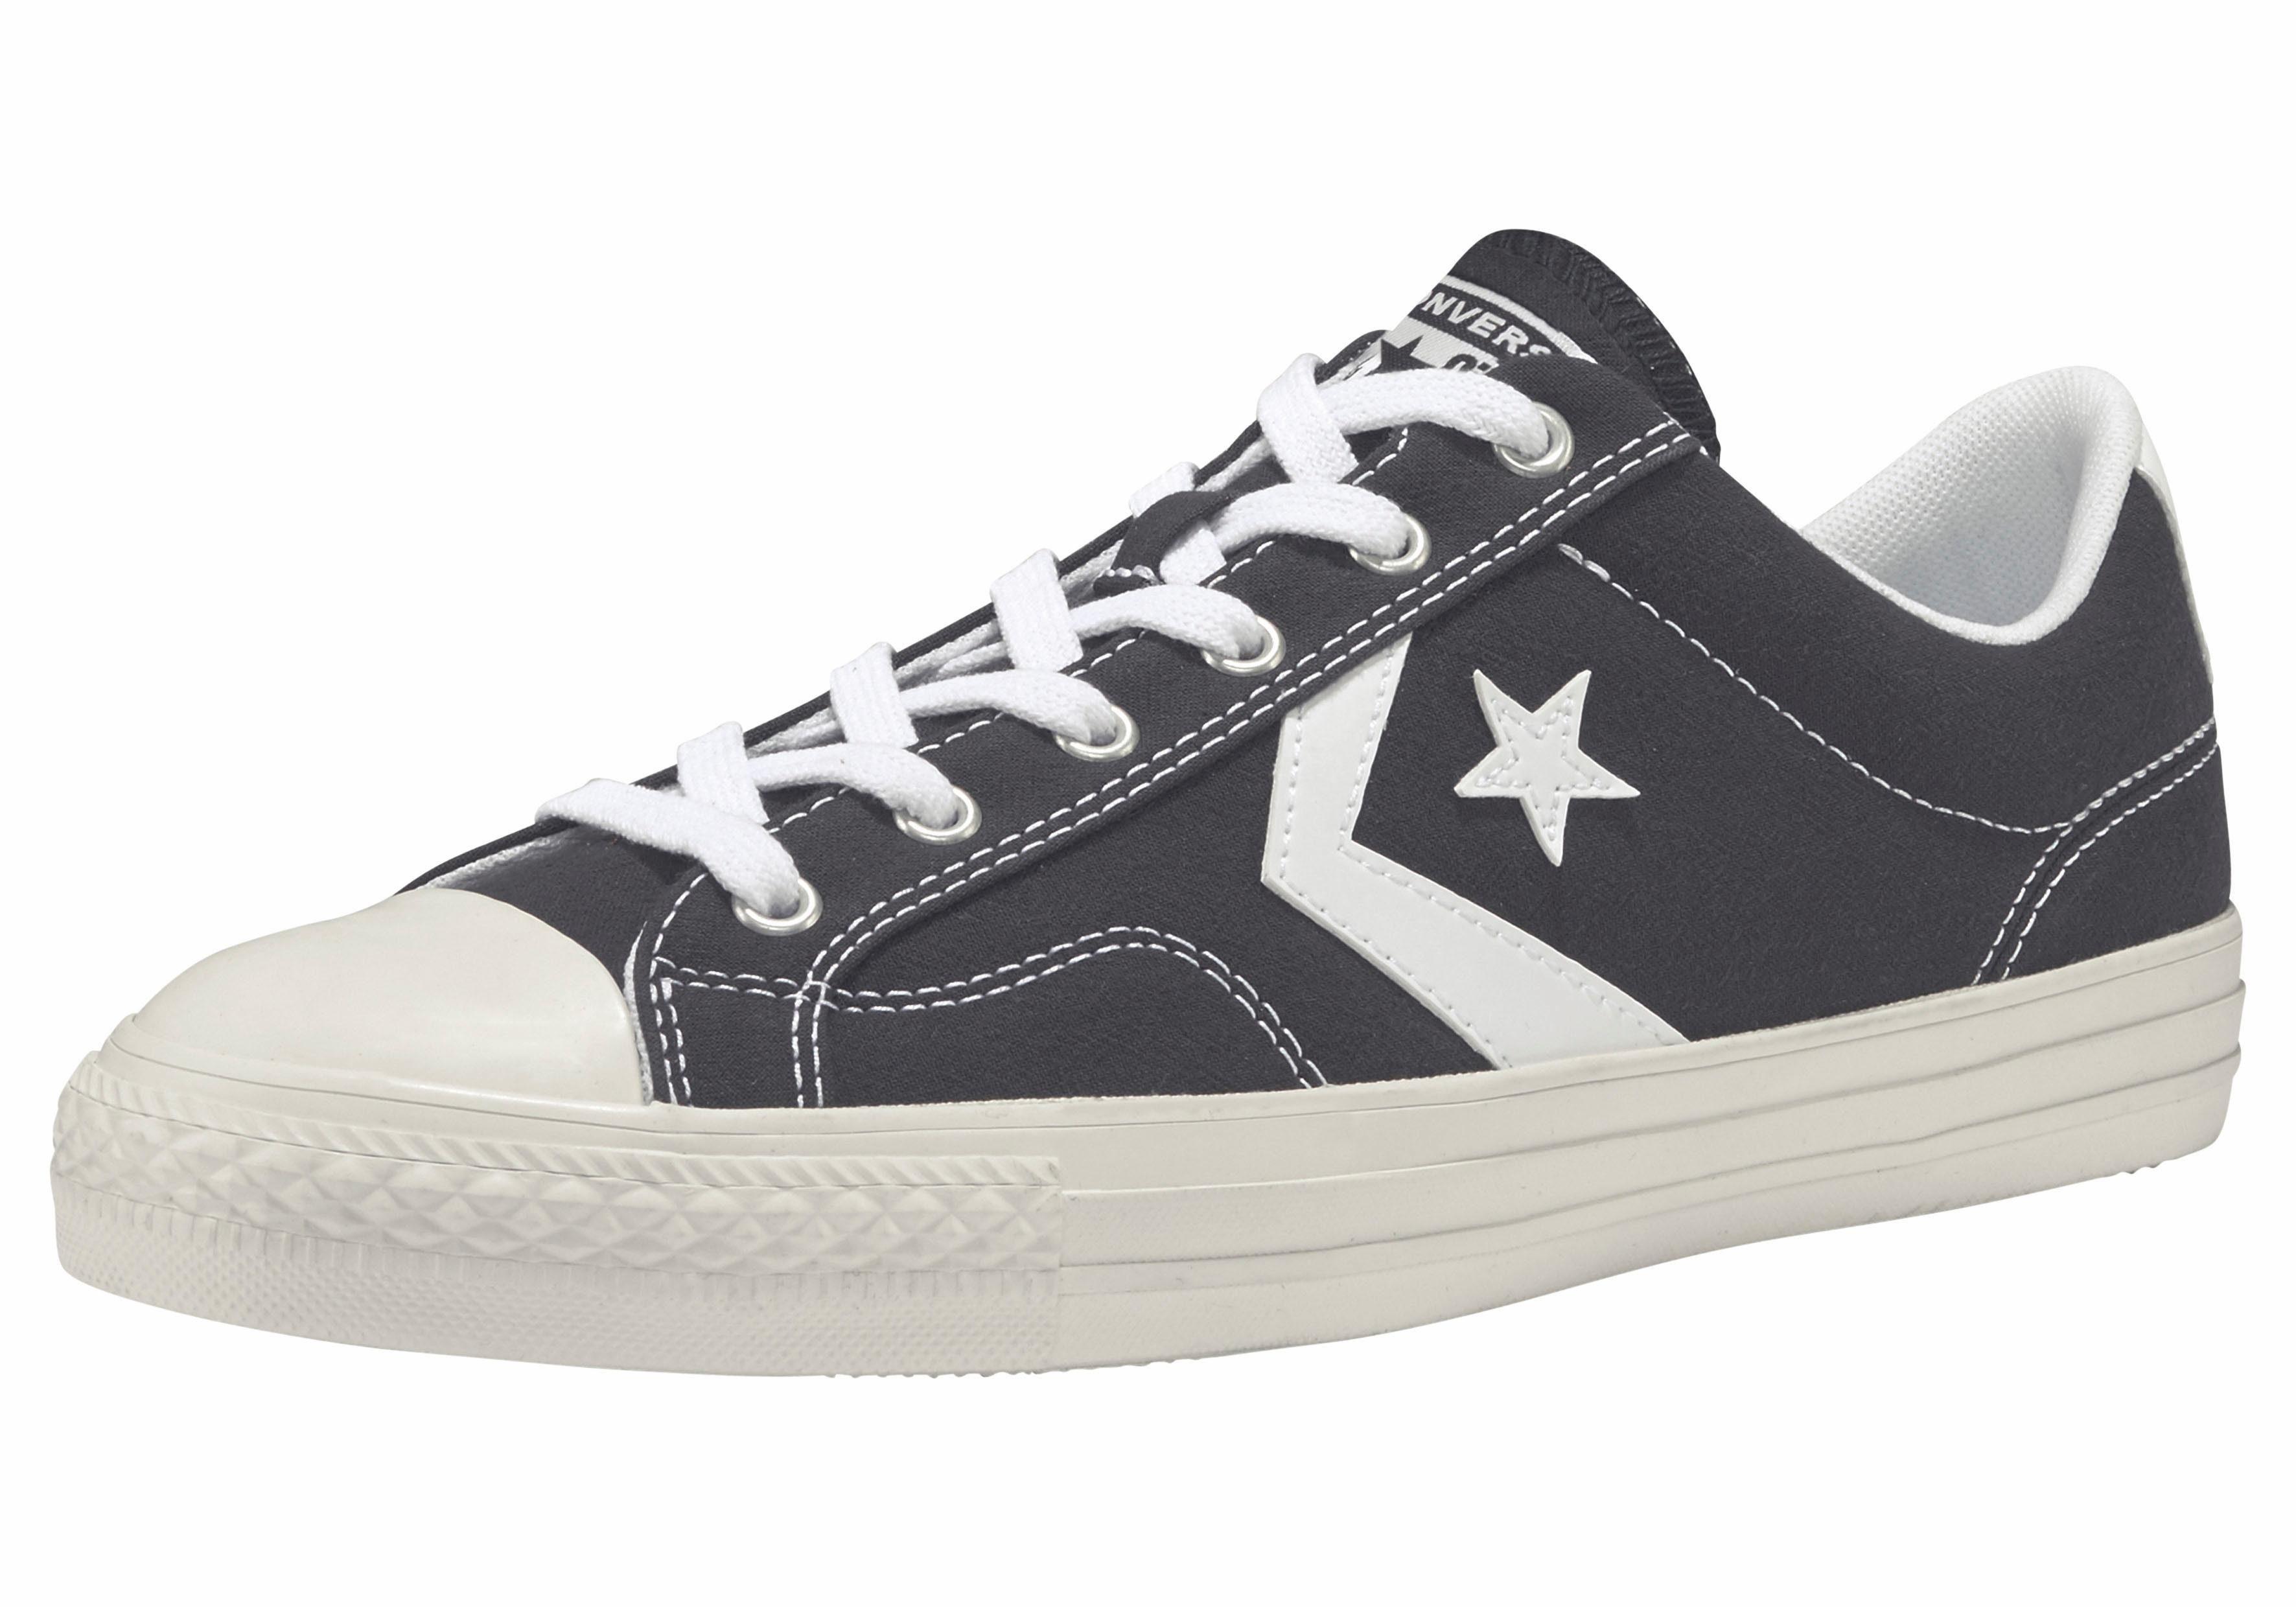 Converse »Star Player Ox Unisex« Sneaker kaufen | OTTO